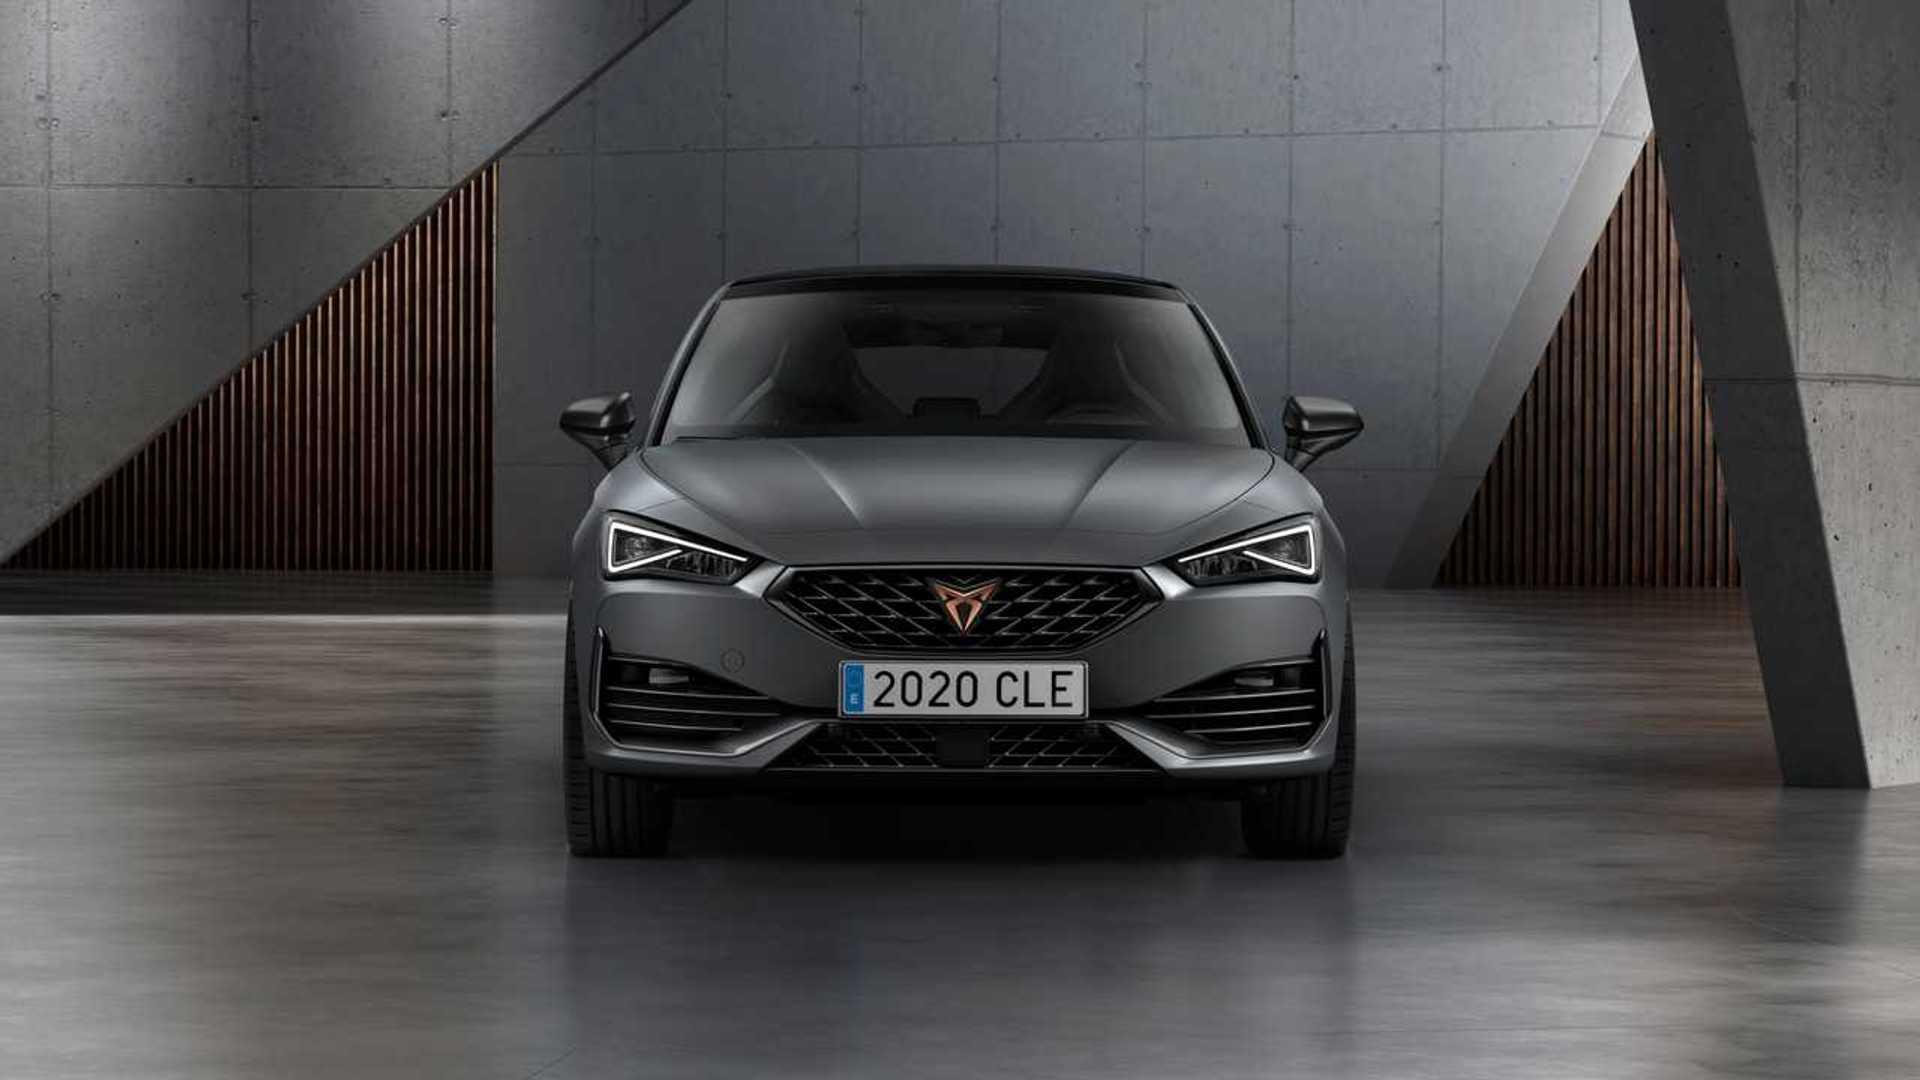 2020 Cupra Leon hibrit versiyonuyla birlikte tanıtıldı